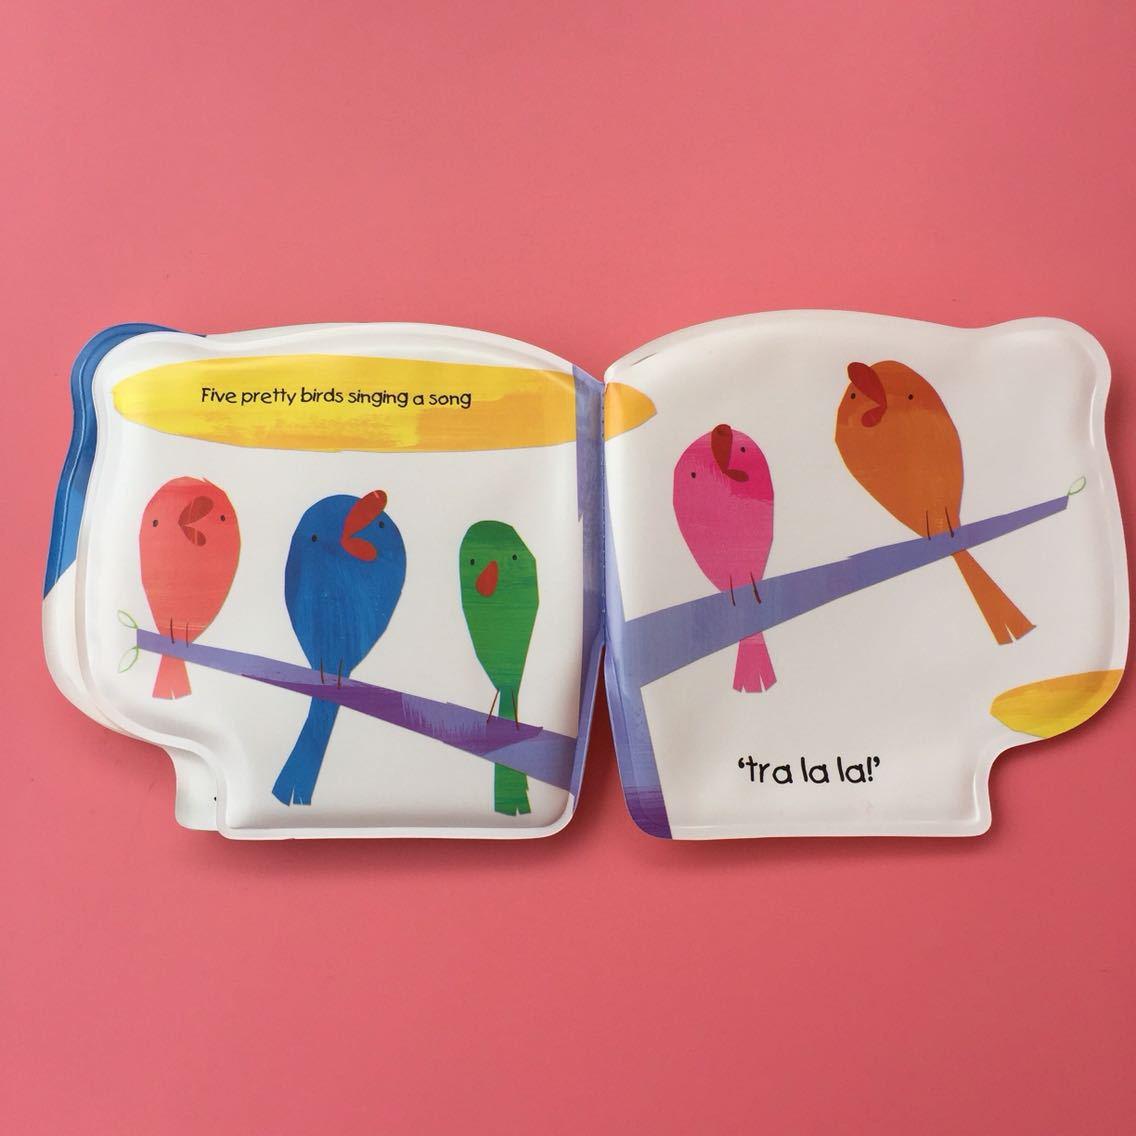 厂家直销益智宝宝洗澡书 环保EVA婴儿洗澡书 儿童早教peva书